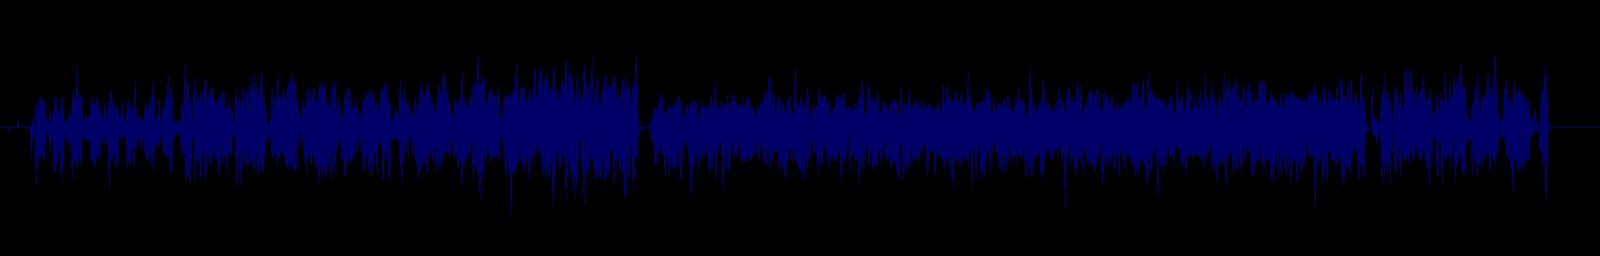 waveform of track #115222